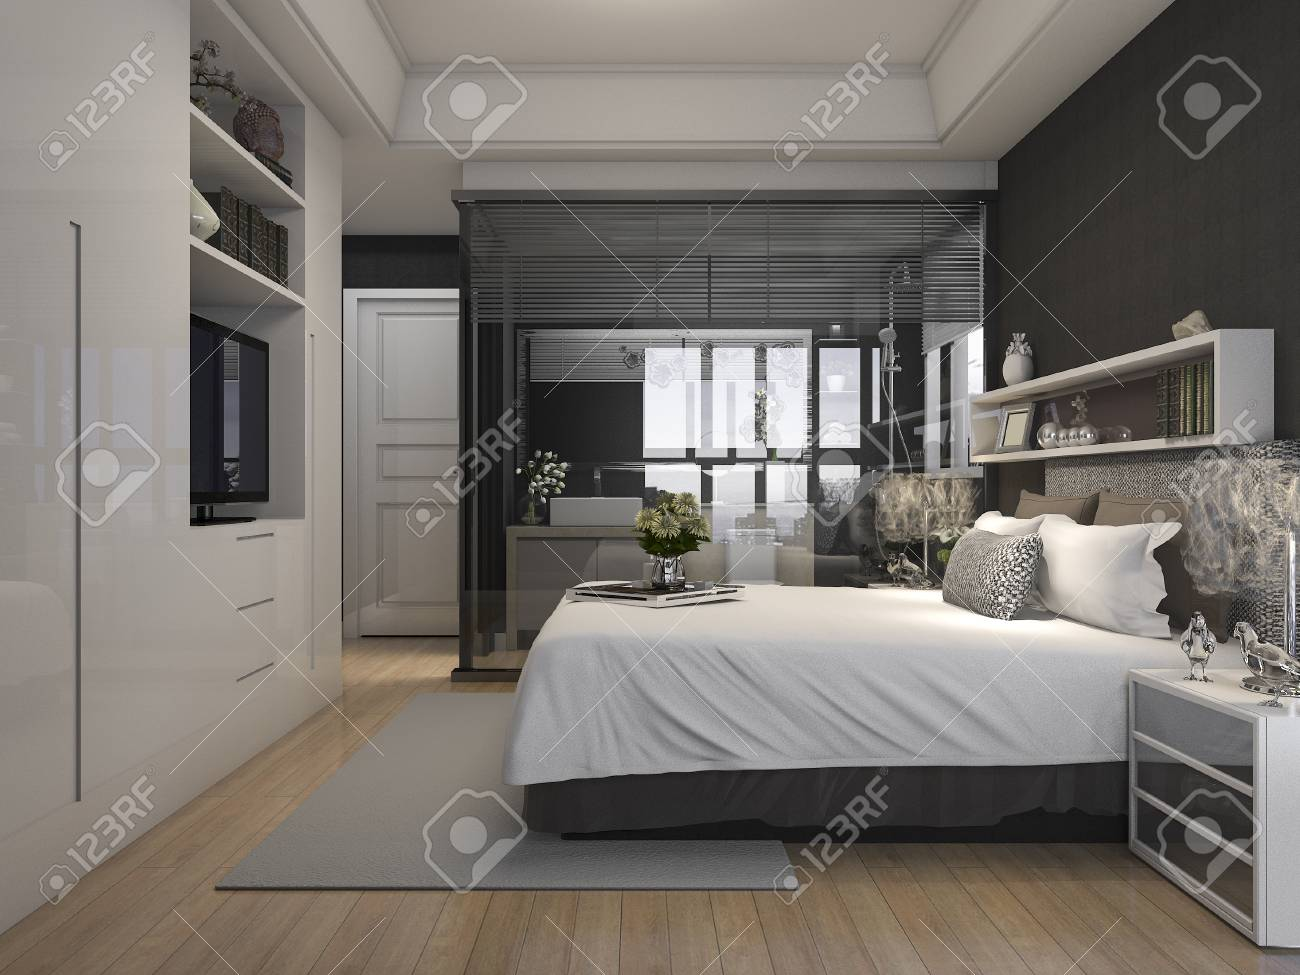 3D-Rendering Luxus Suite Hotel Schlafzimmer In Der Nähe Von Glas ...